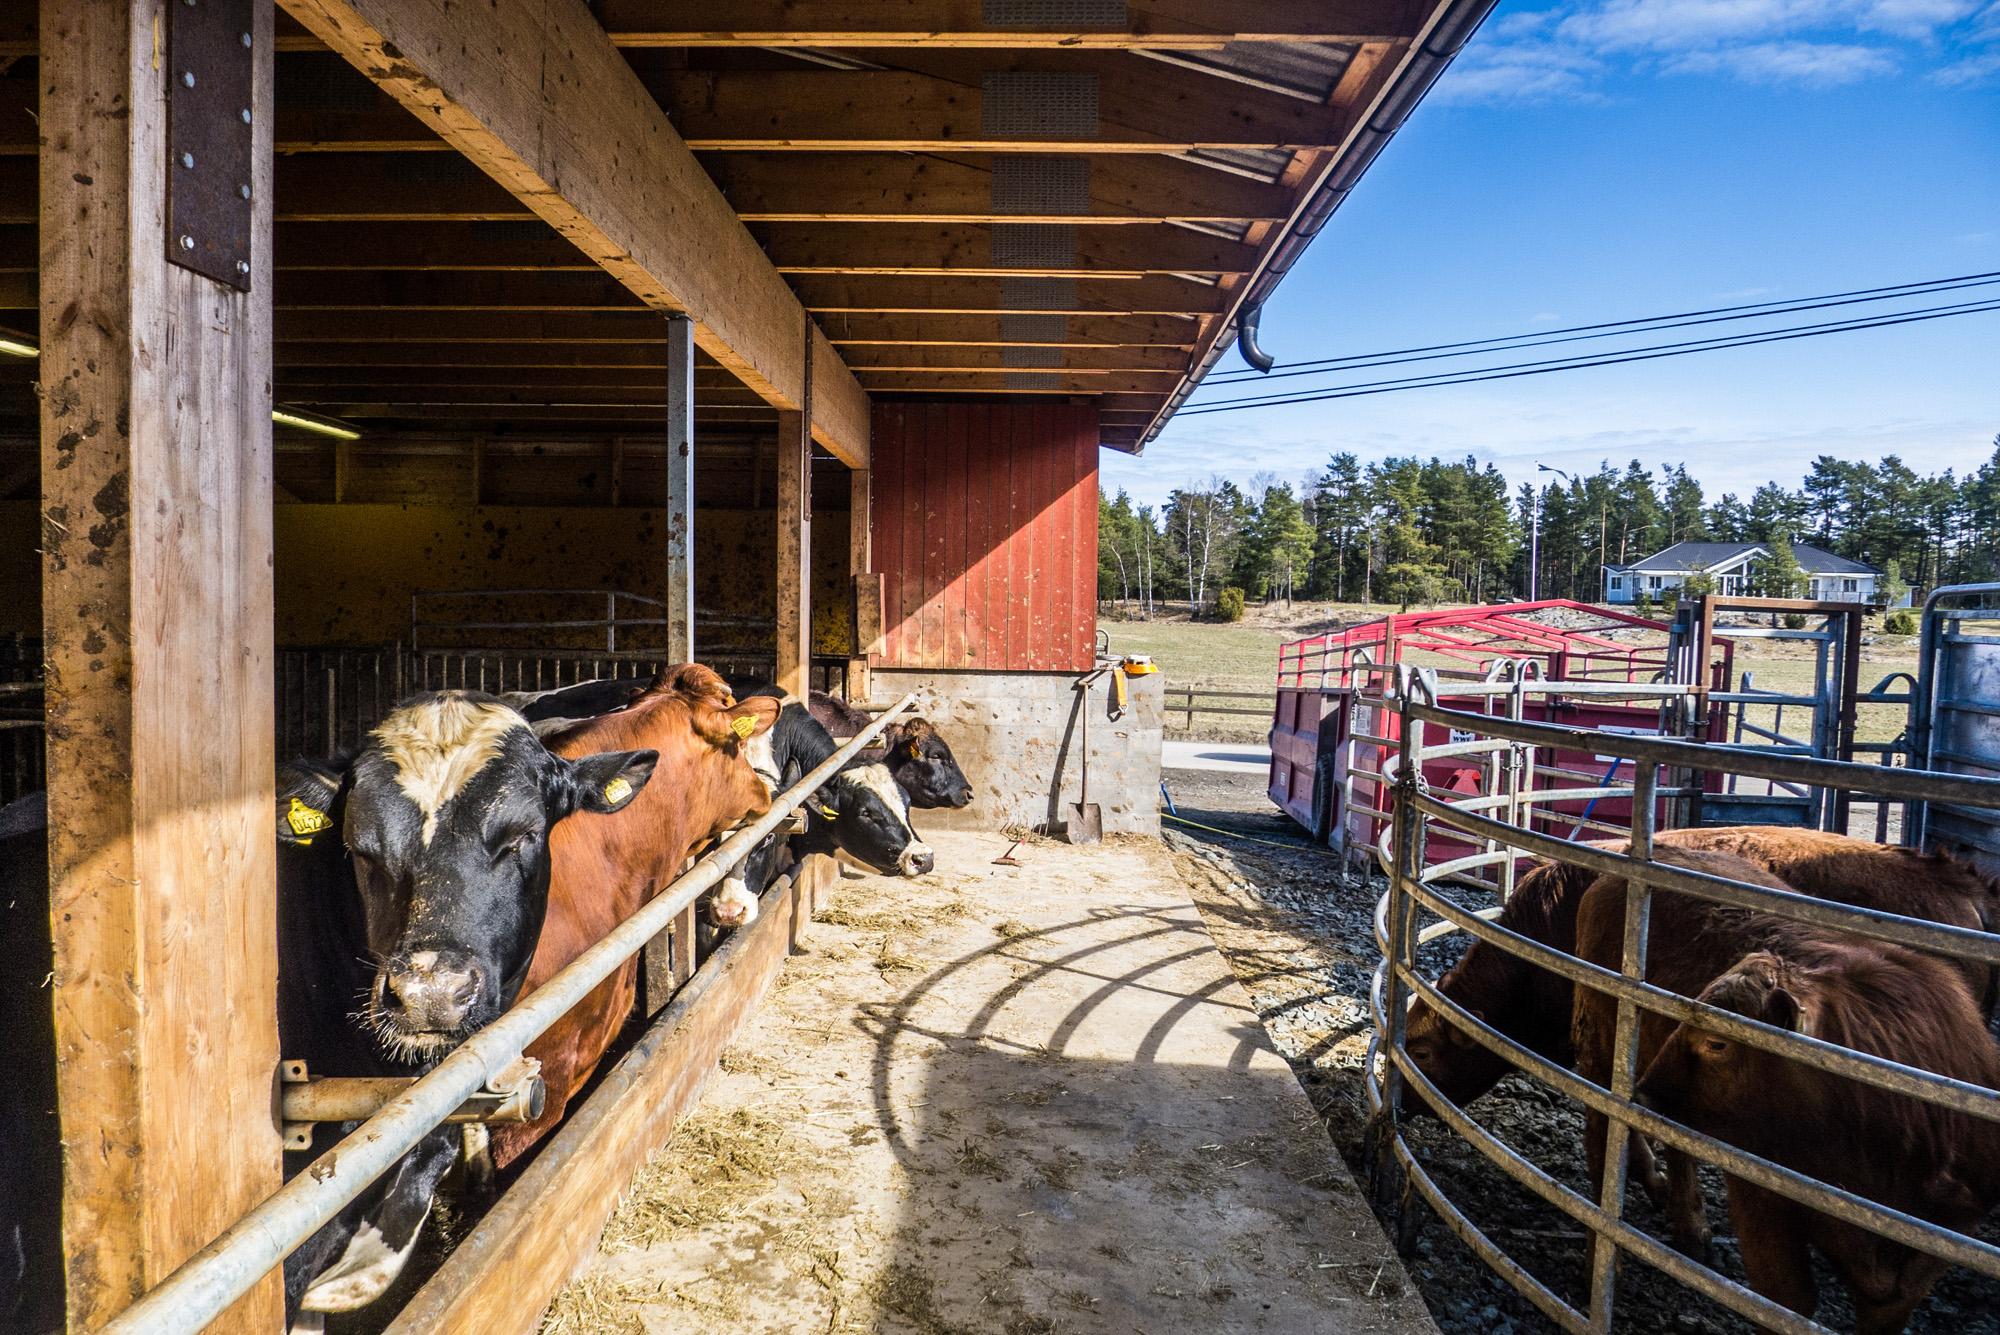 Les vaches dans les étables côtoient celles sur le point d'être abattues. Nous connaissons peu l'univers sensoriel de ces animaux. Mais pour Mona